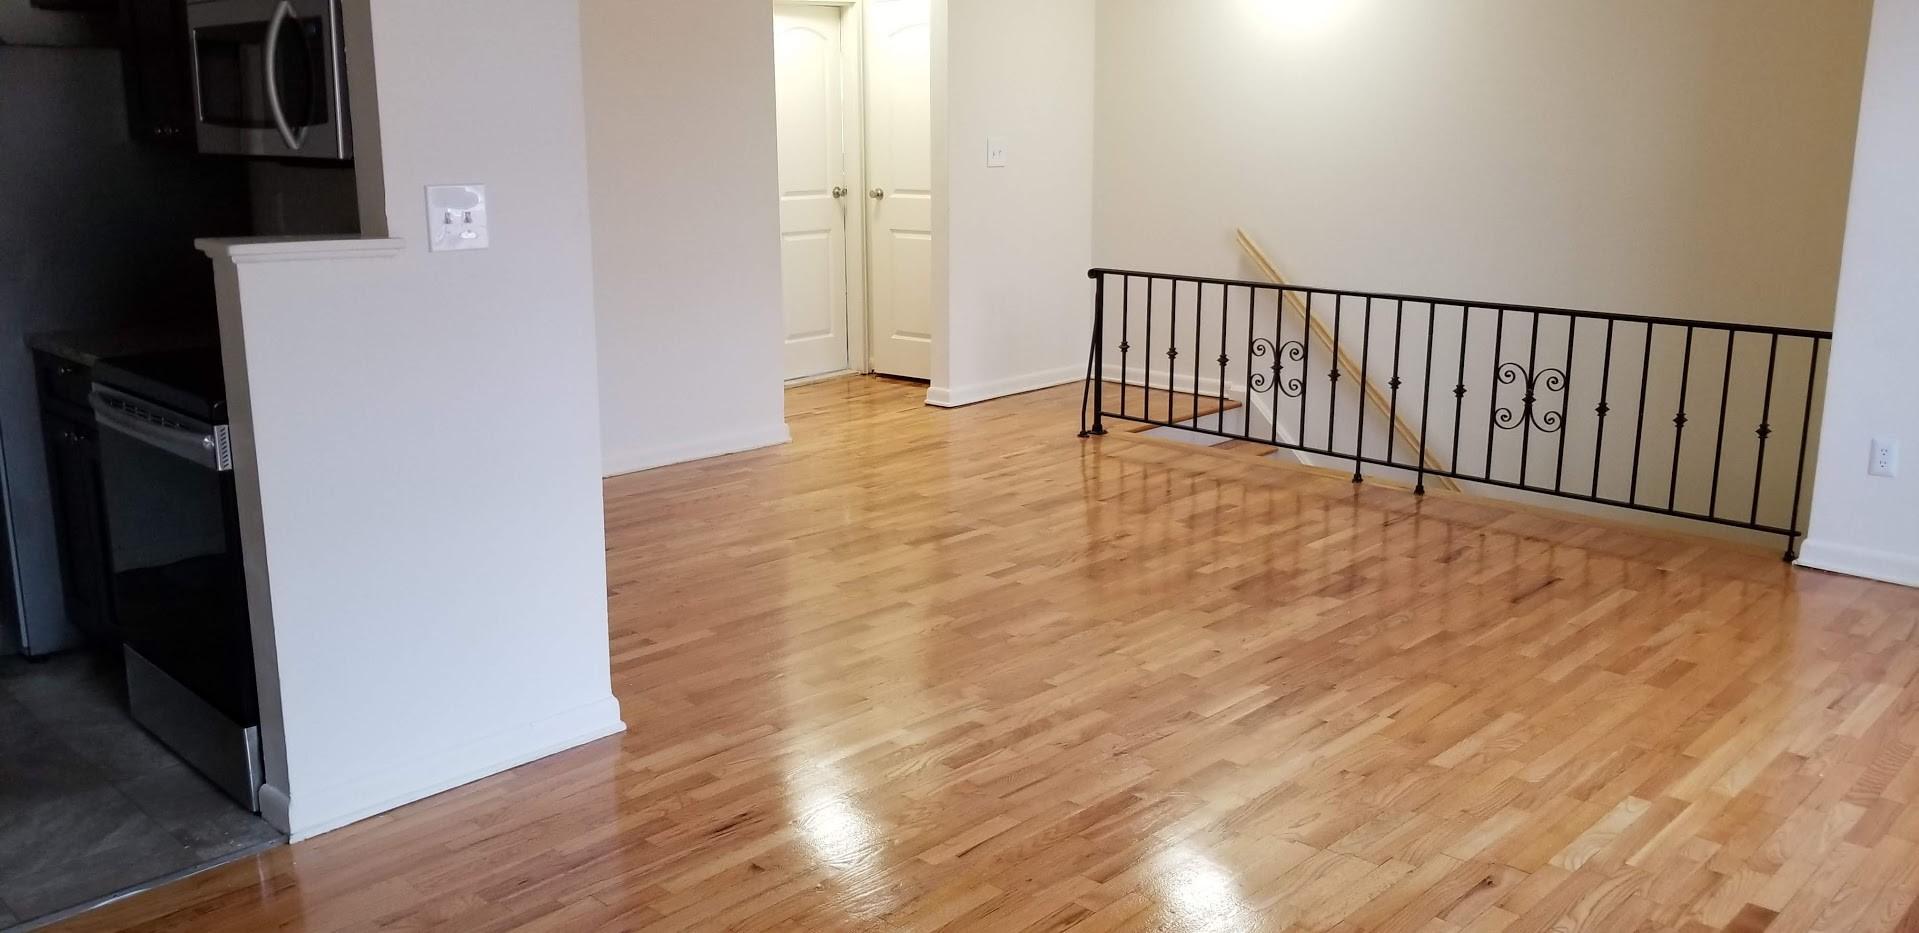 Briarwood Apartments rental